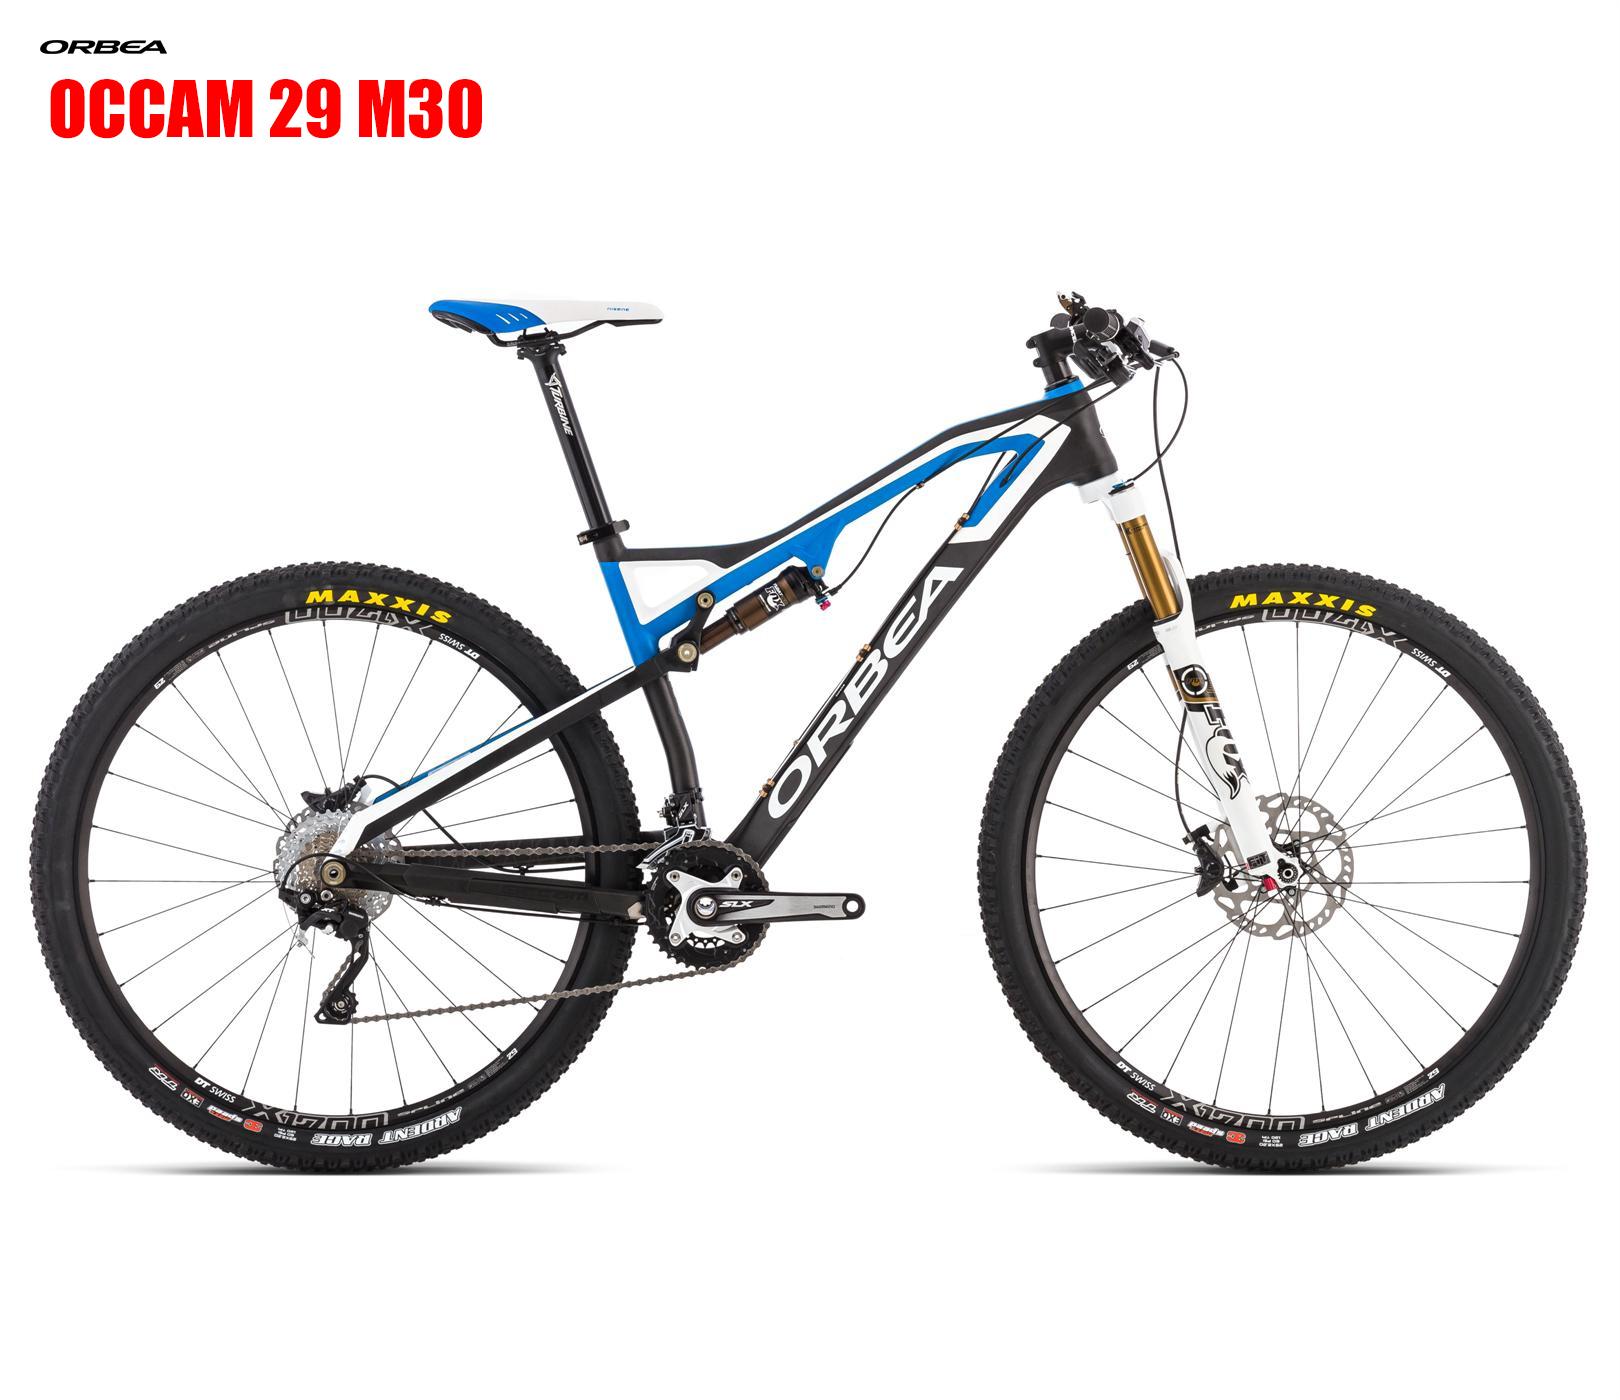 D250TTCC-D7-SIDE-OCCAM 29 M30